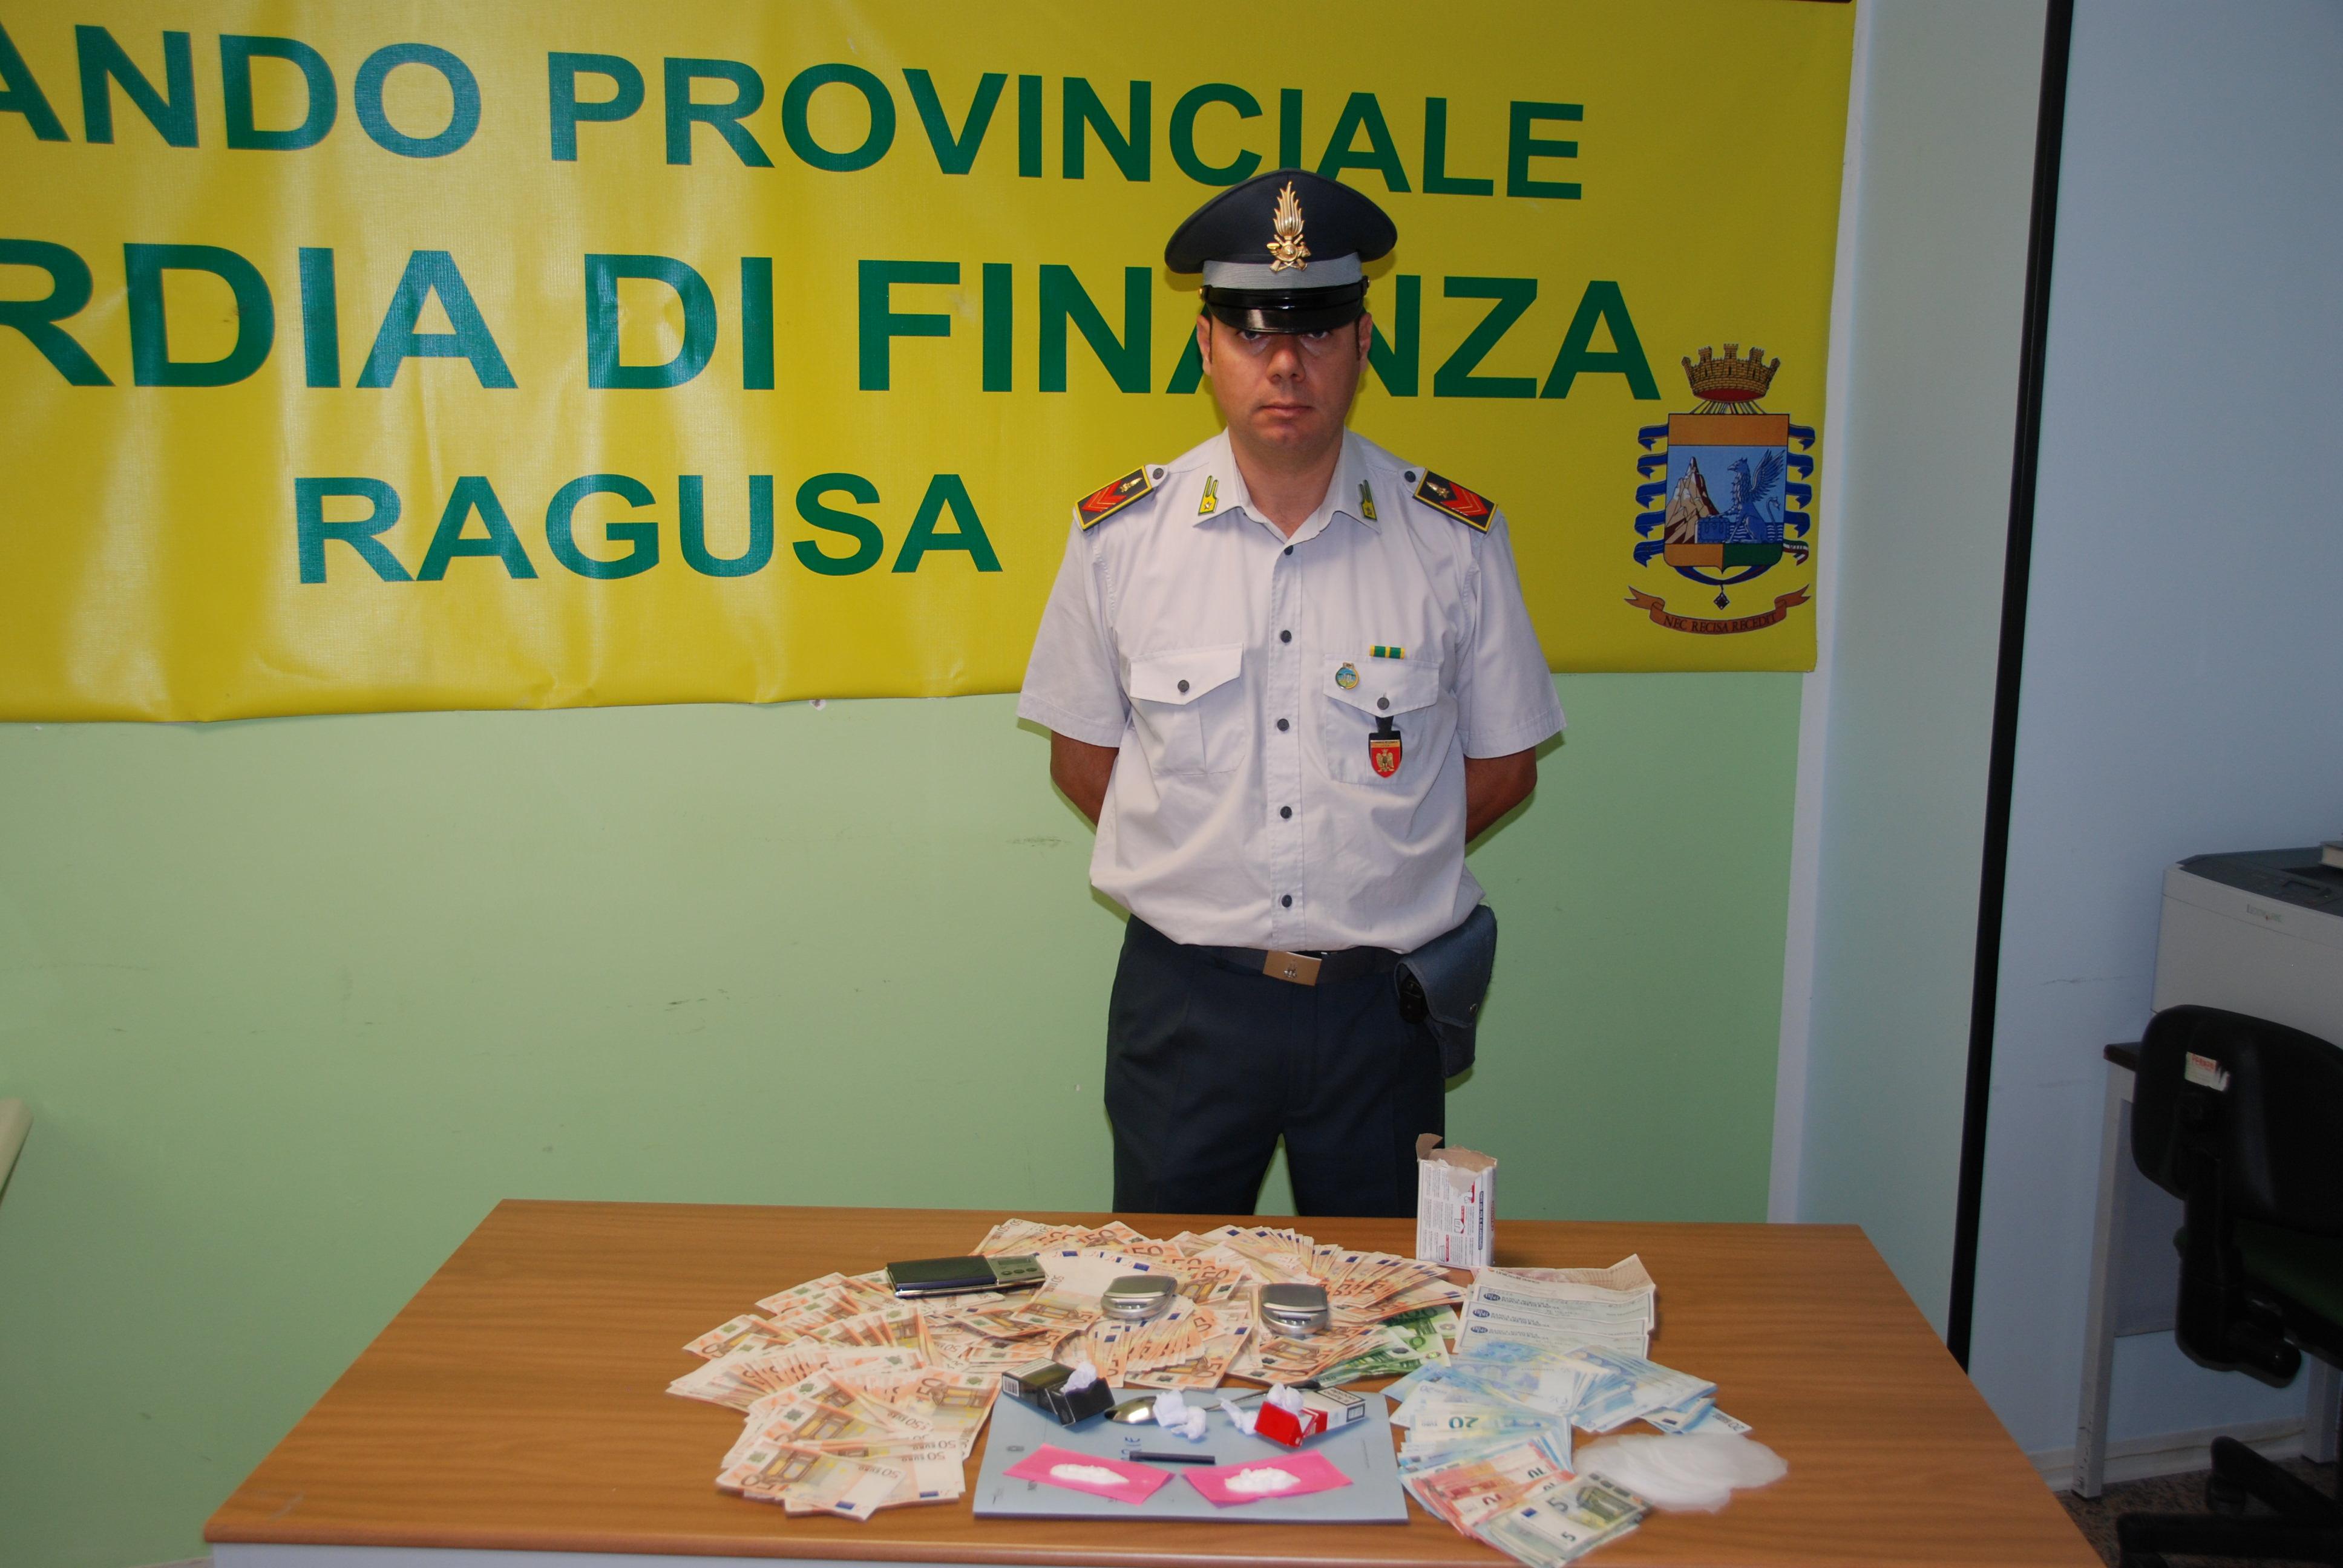 """Pagavano la droga firmando assegni: arrestato pusher della """"Ragusa bene"""""""